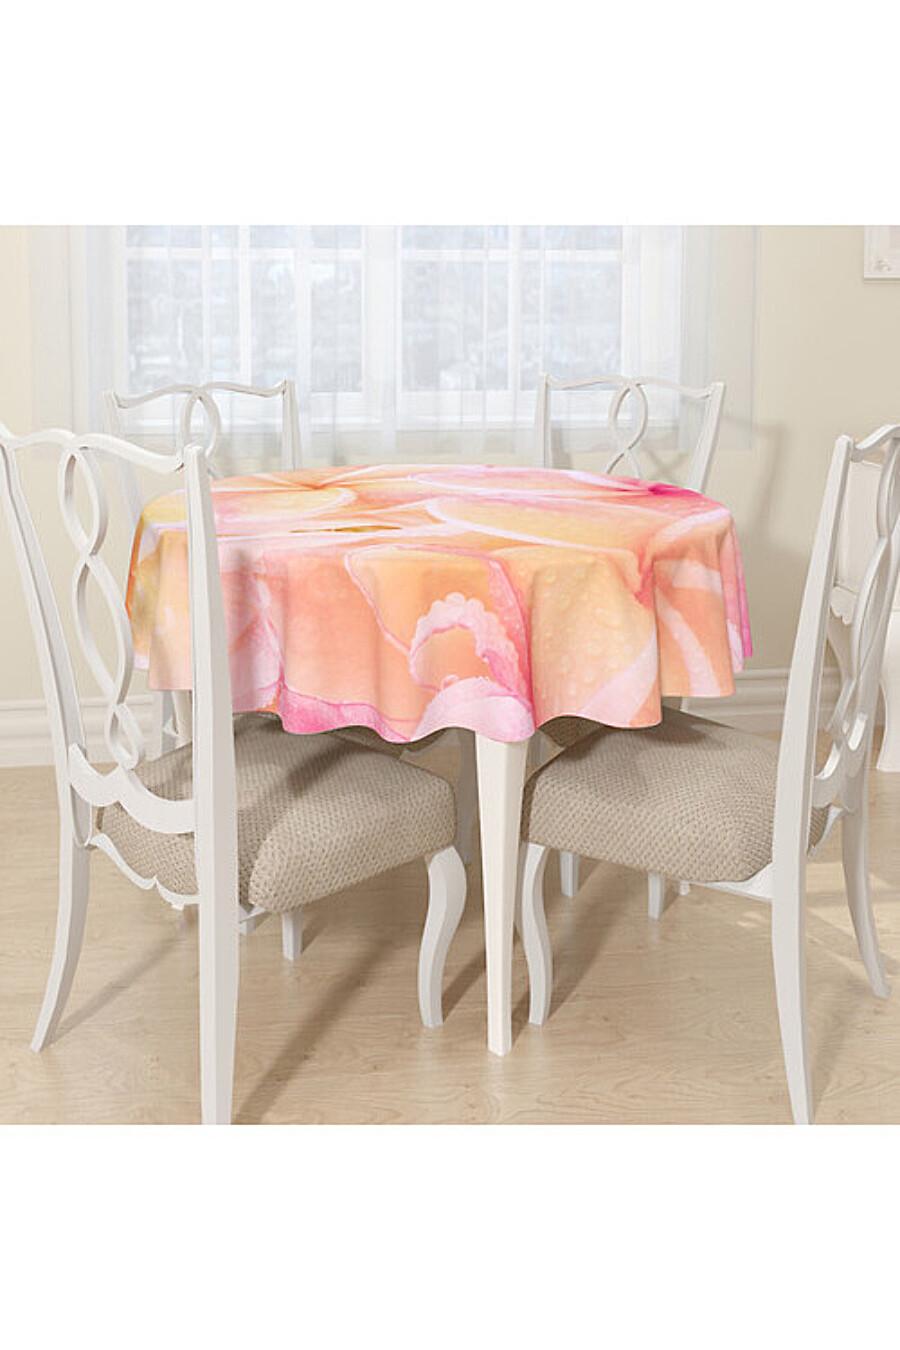 Скатерть для дома ART HOME TEXTILE 180170 купить оптом от производителя. Совместная покупка товаров для дома в OptMoyo